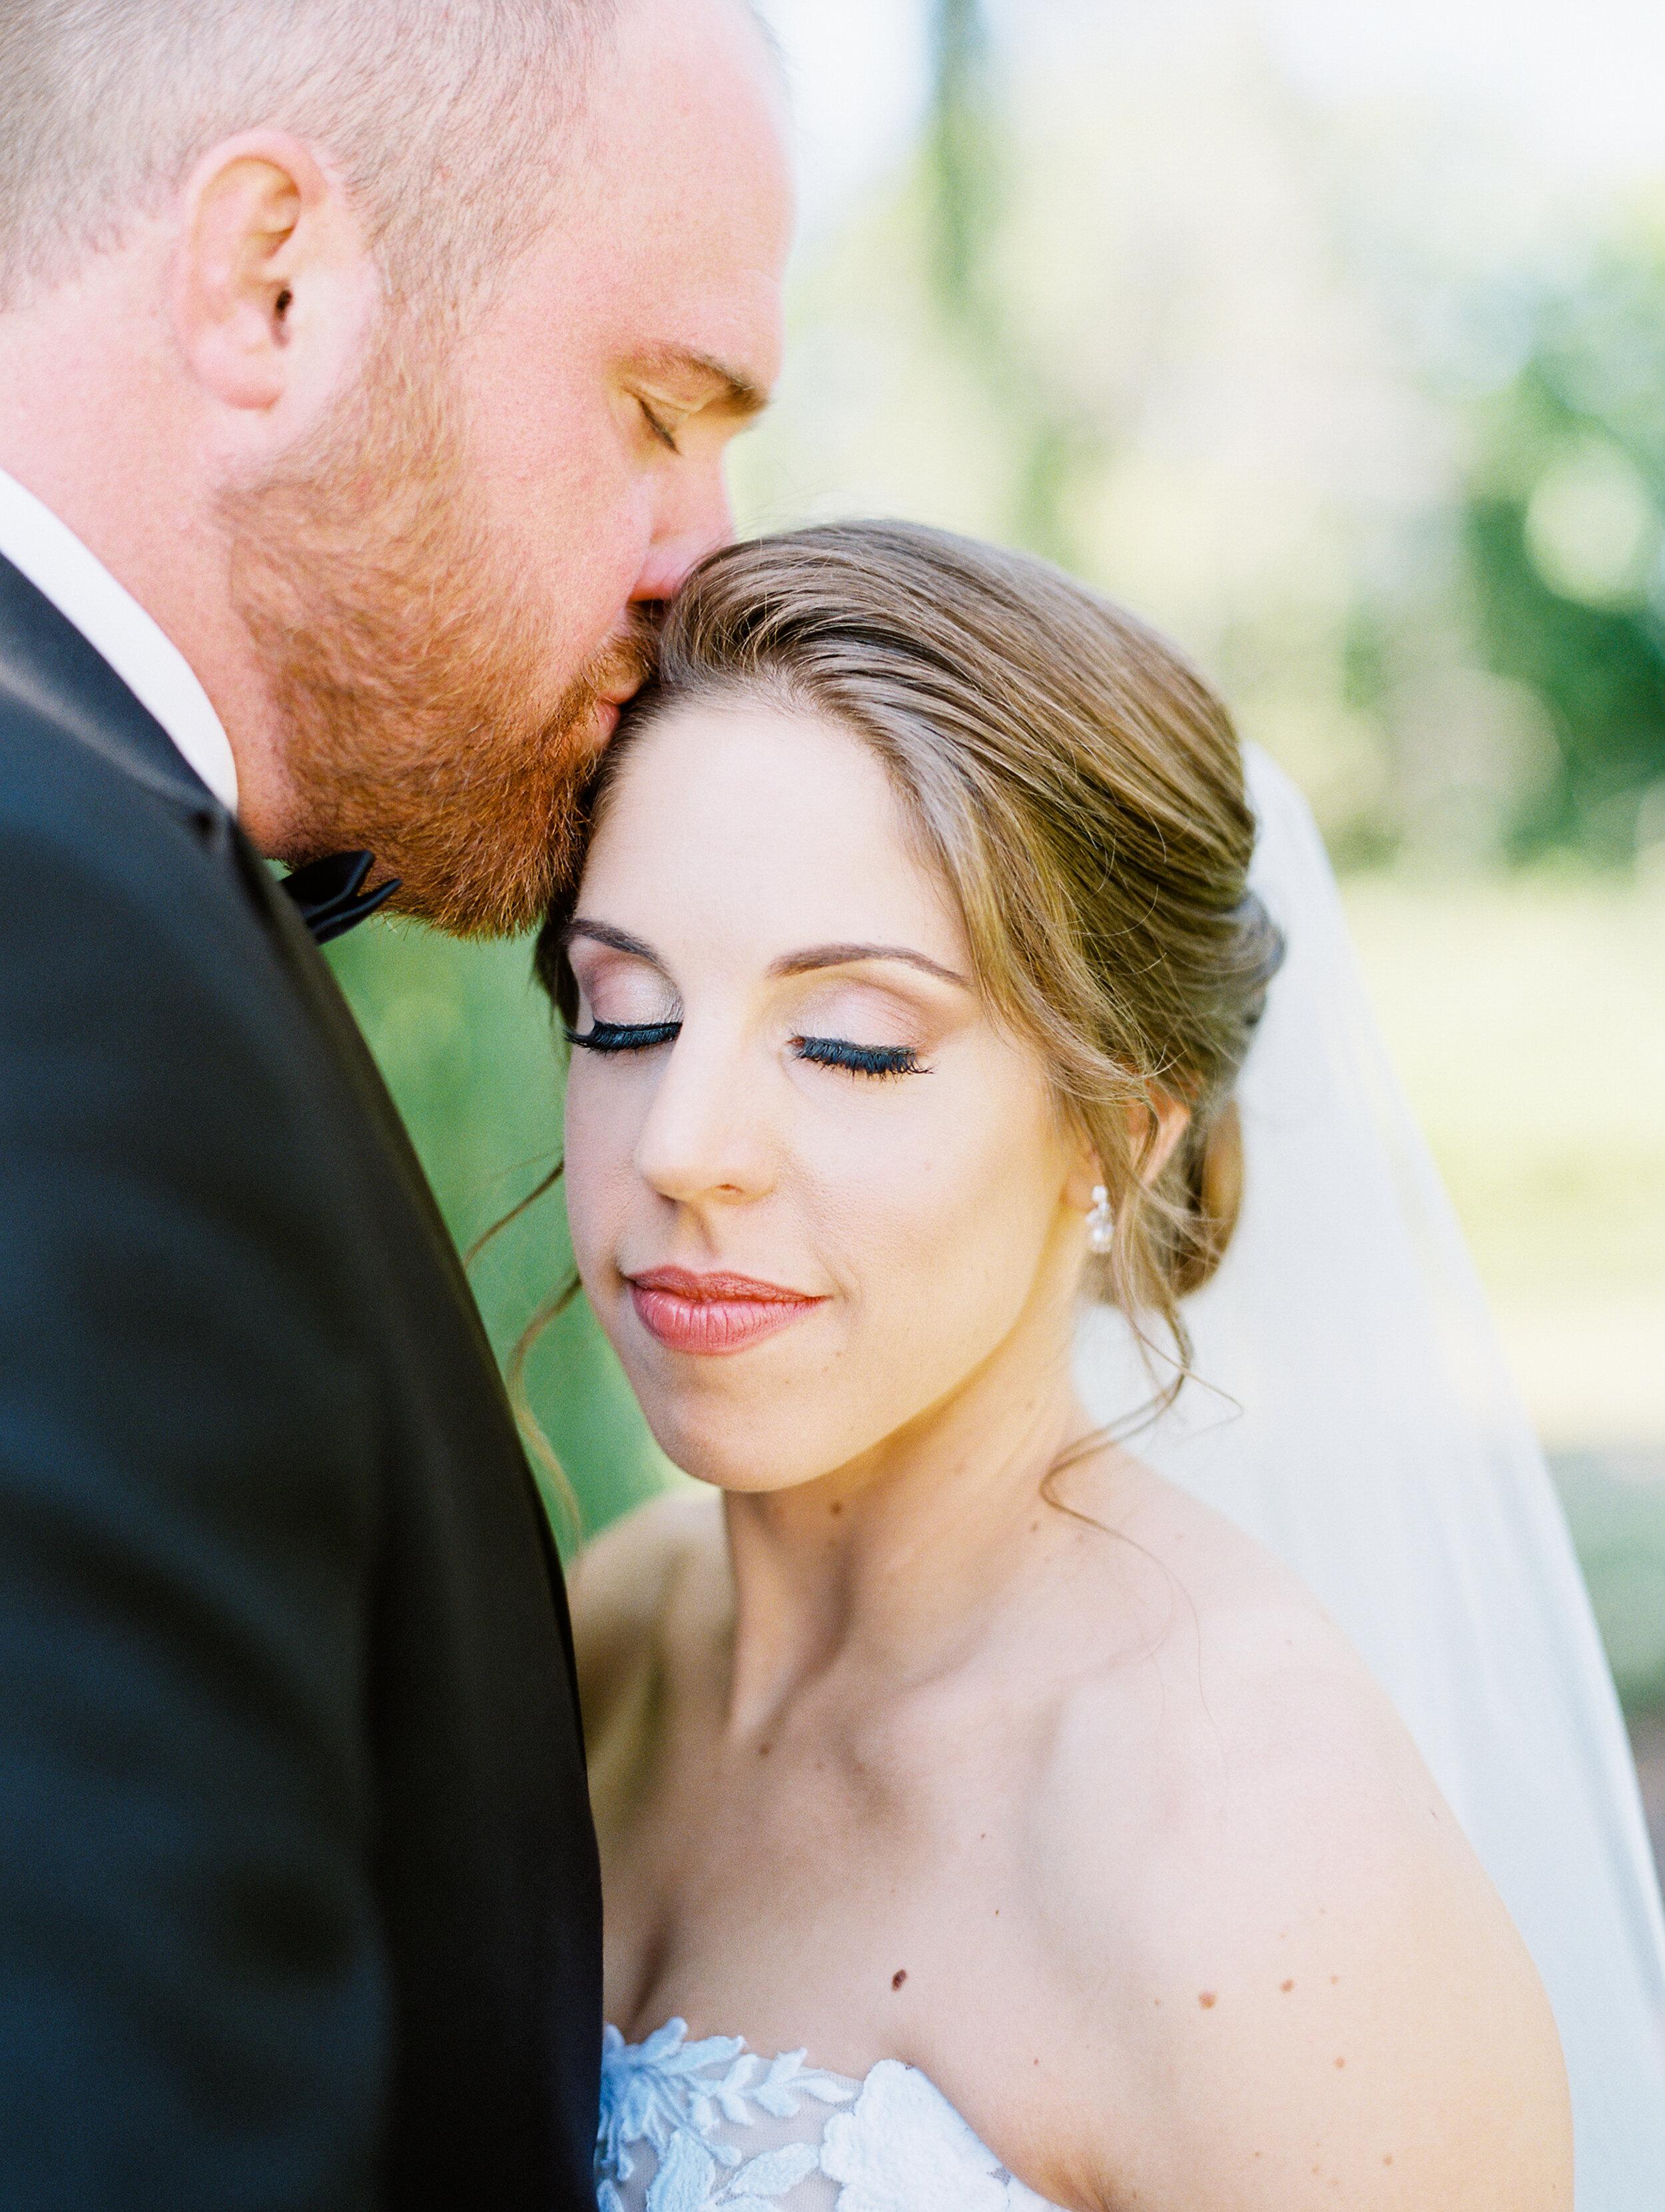 Steinlage+Wedding+First+Look-27.jpg